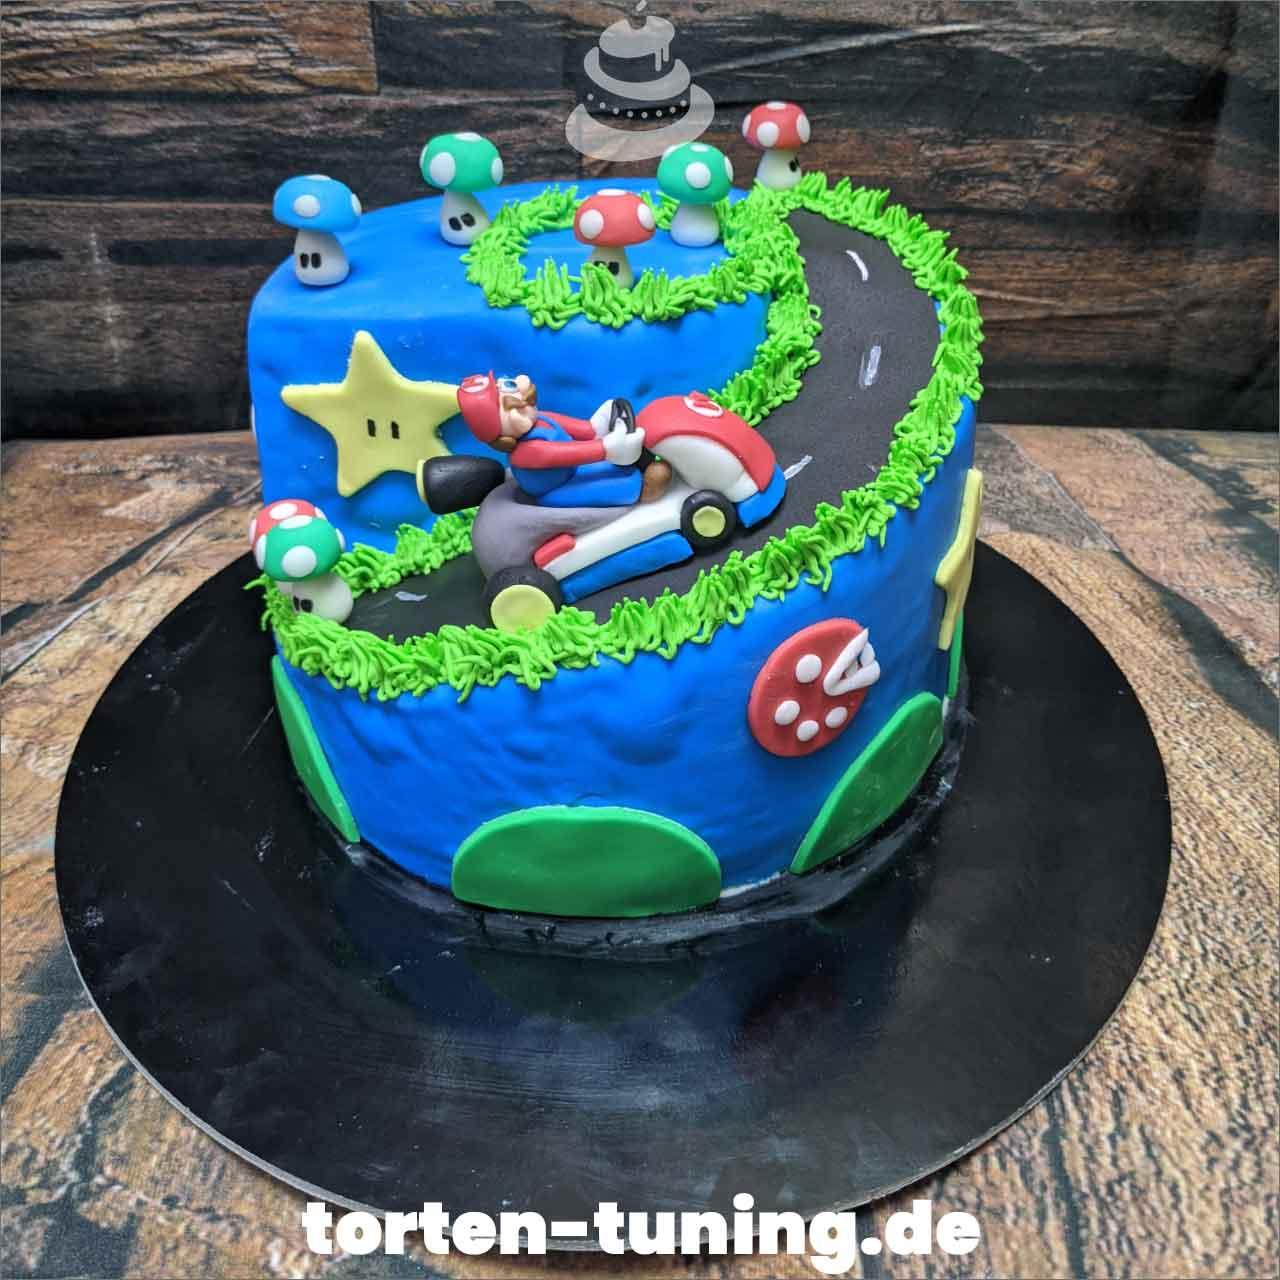 Super Mario Cart Dripcake Obsttorte Geburtstagstorte Motivtorte Torte Tortendekoration Torte online bestellen Suhl Thüringen Torten Tuning Sahnetorte Tortenfiguren Cake Topper